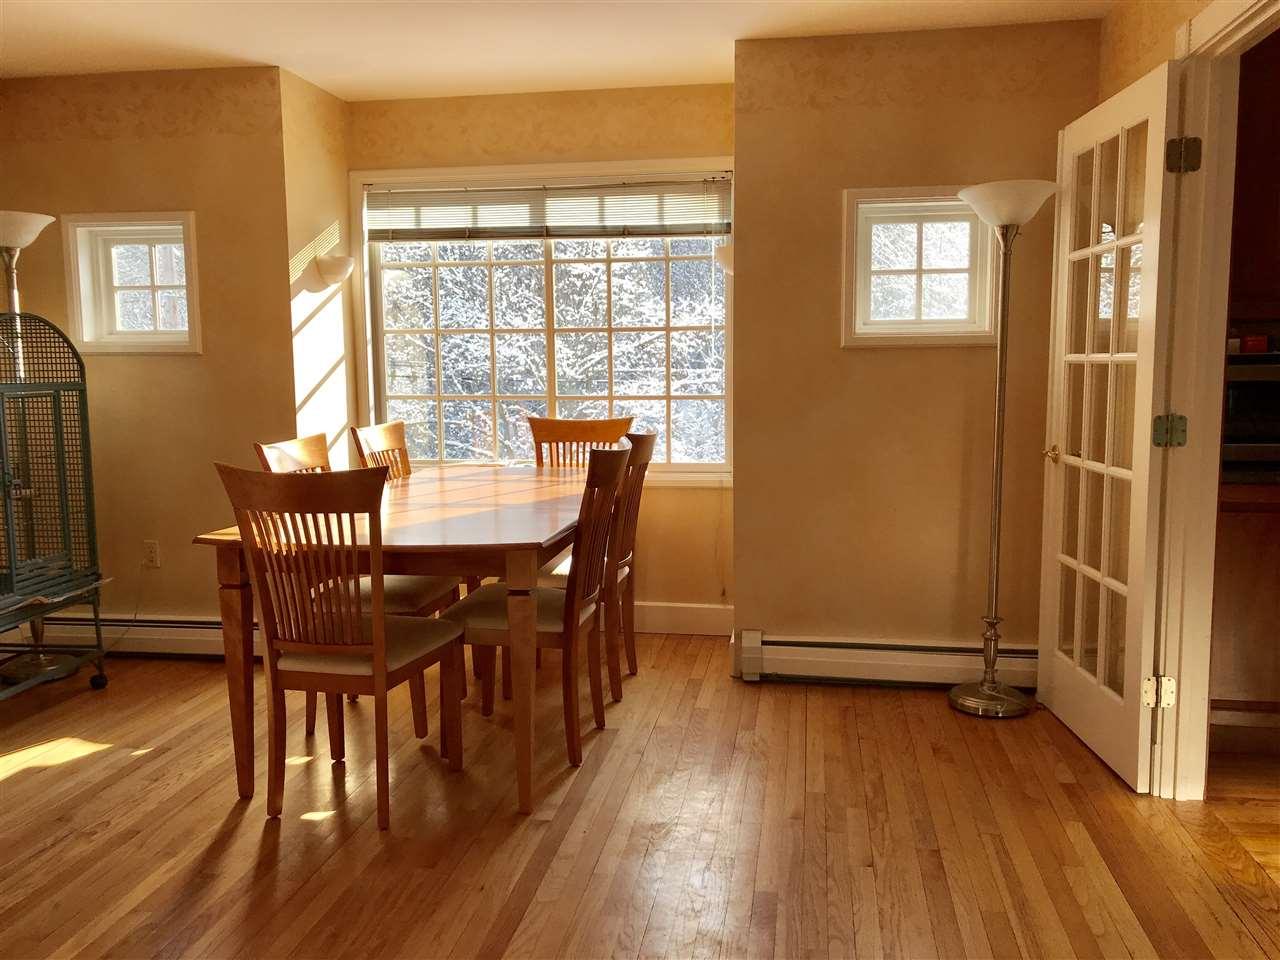 Dining Room 11396143